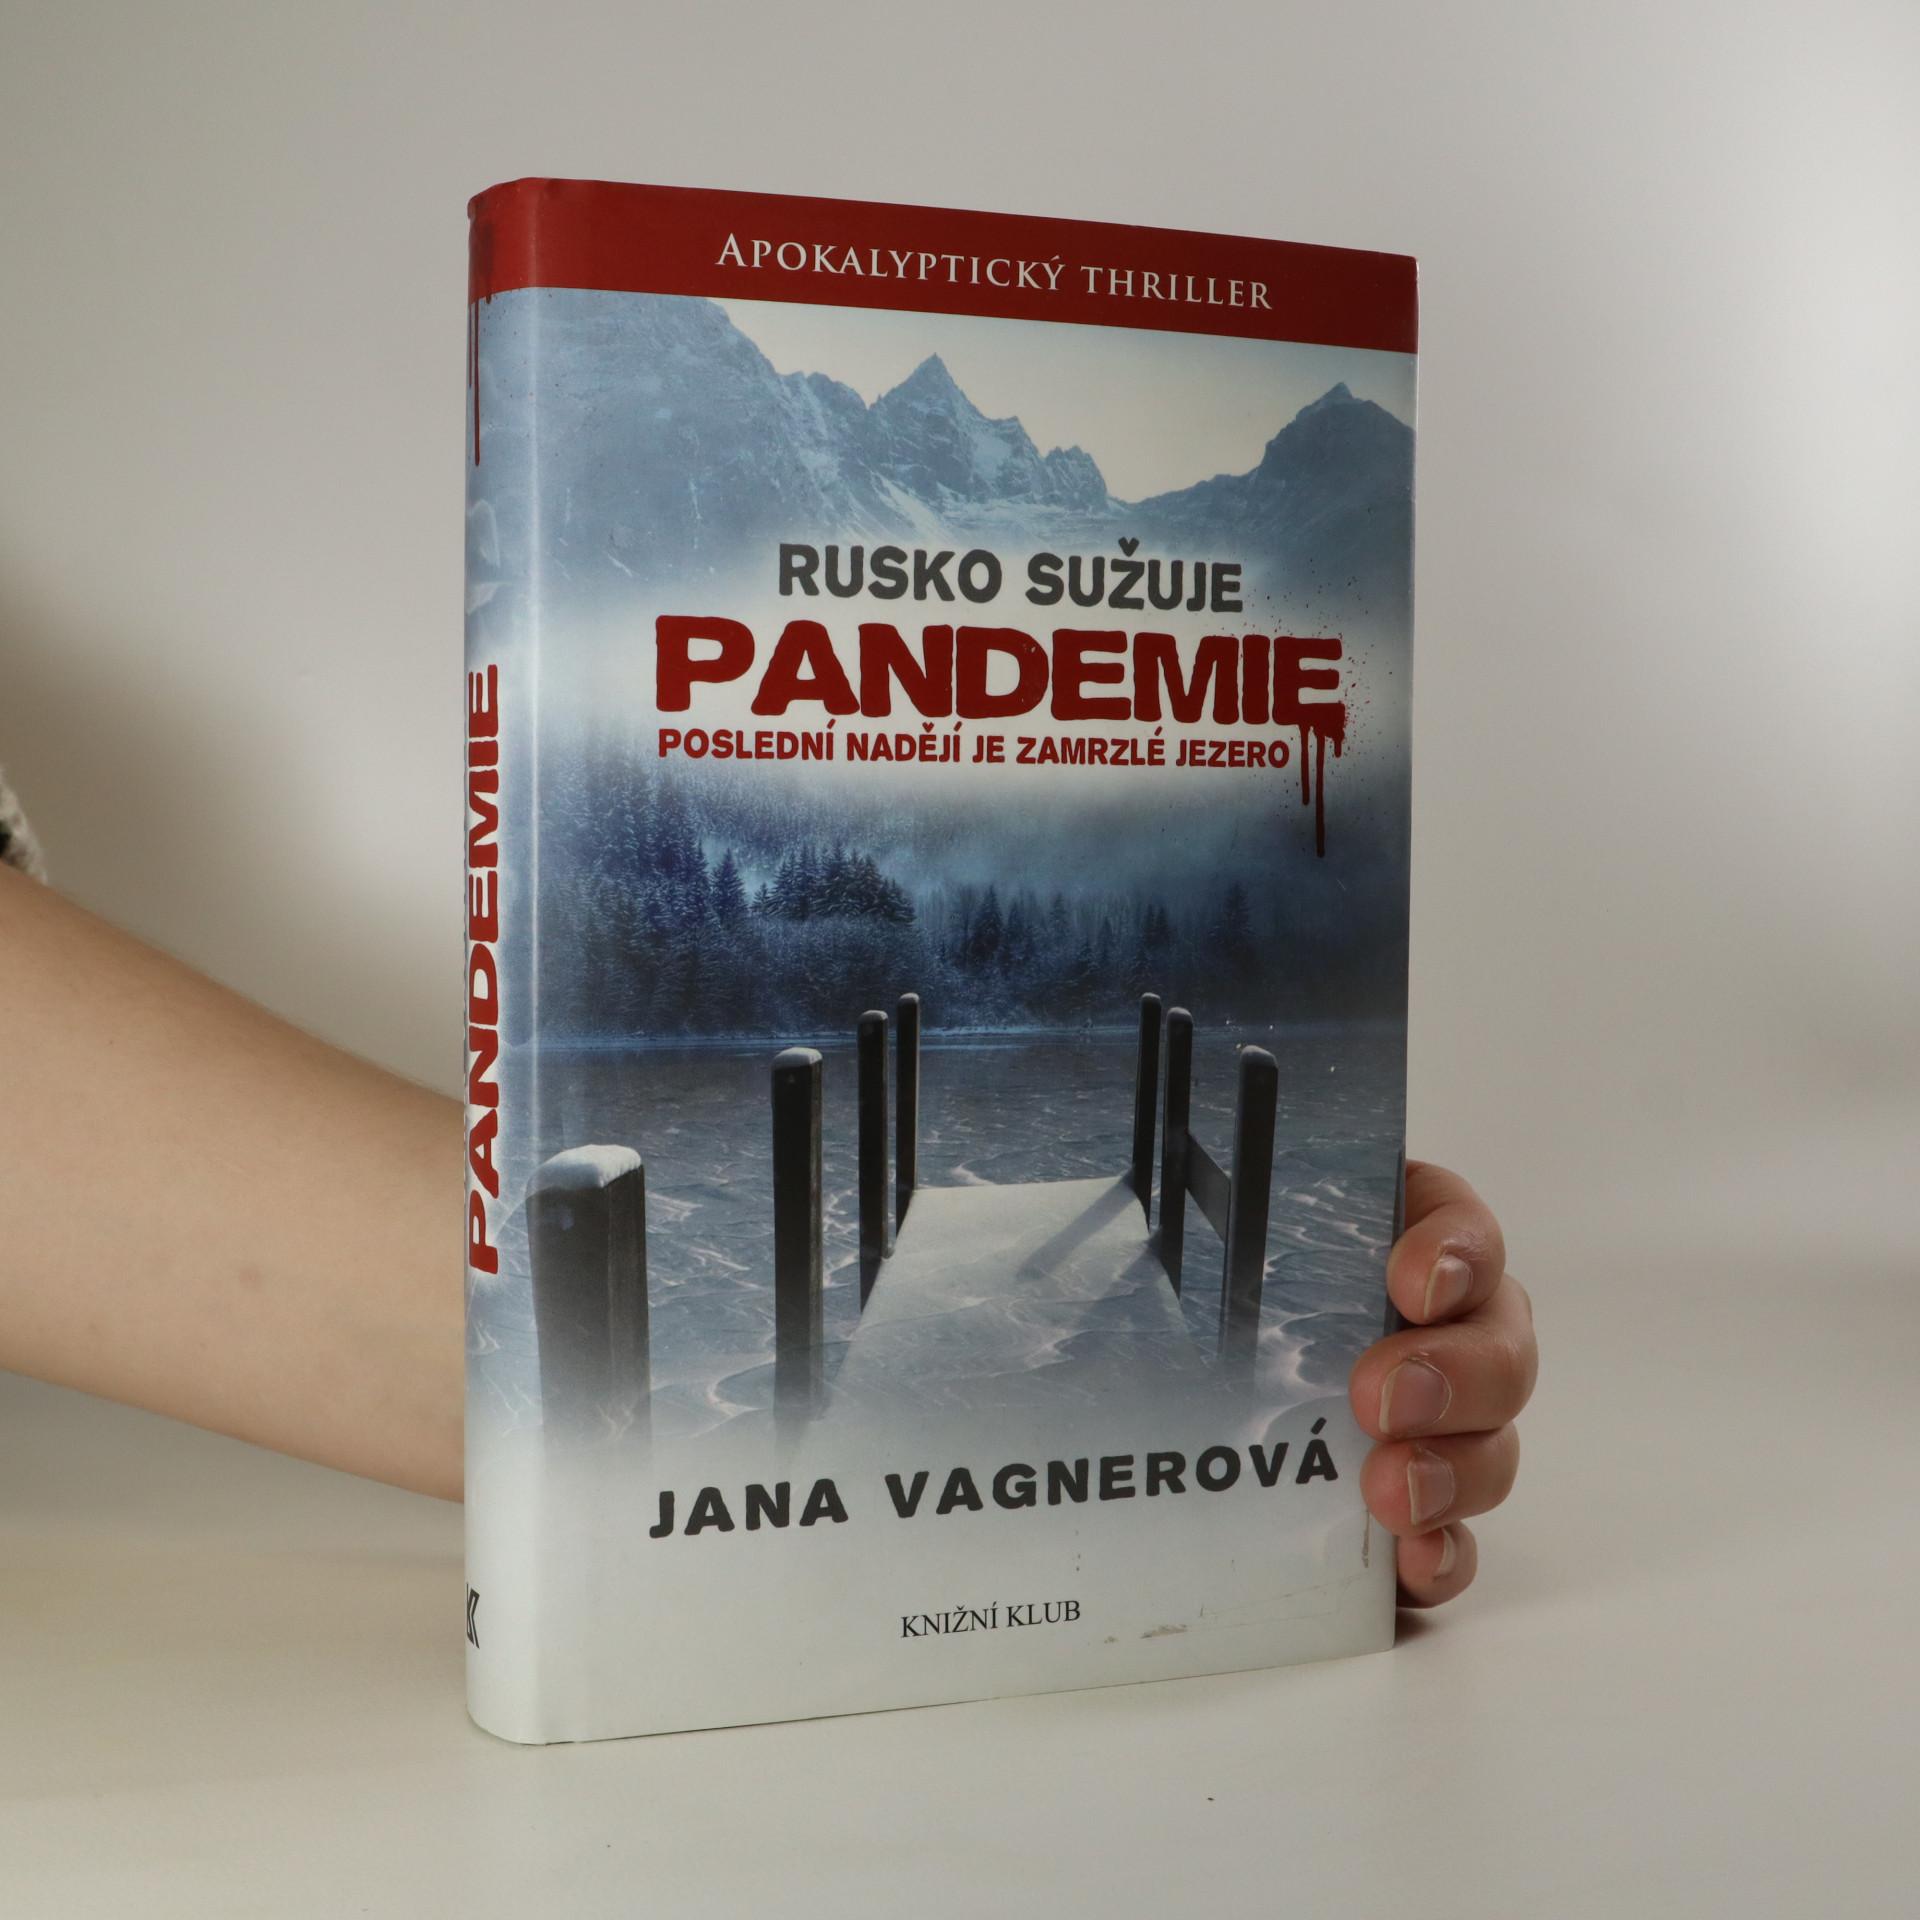 antikvární kniha Rusko sužuje pandemie. Poslední nadějí je zamrzlé jezero, 2013